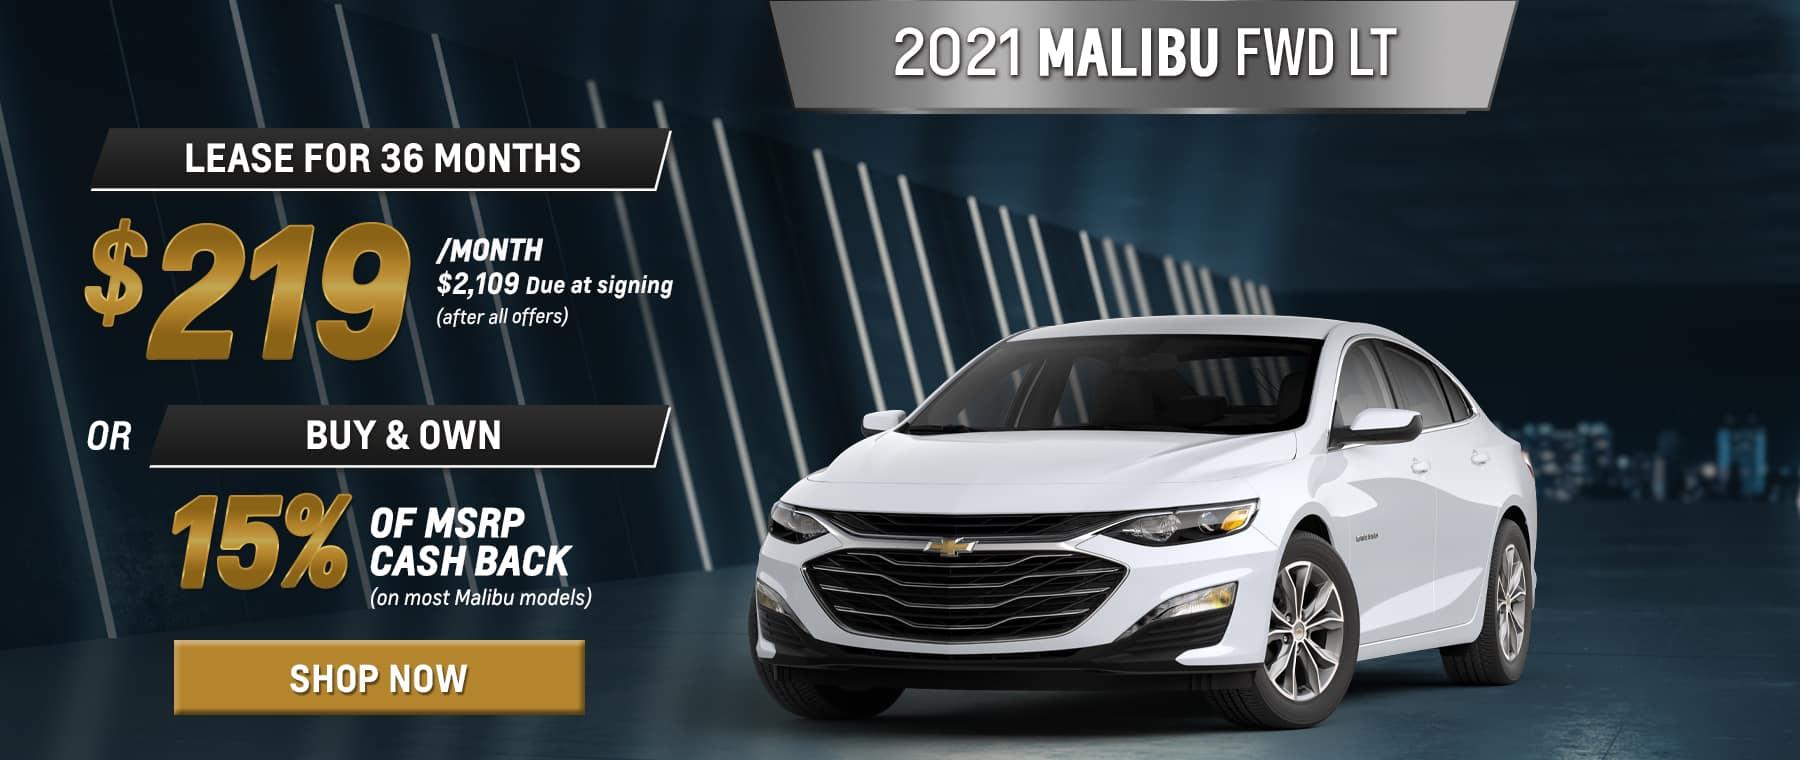 Malibu-Slide–0521